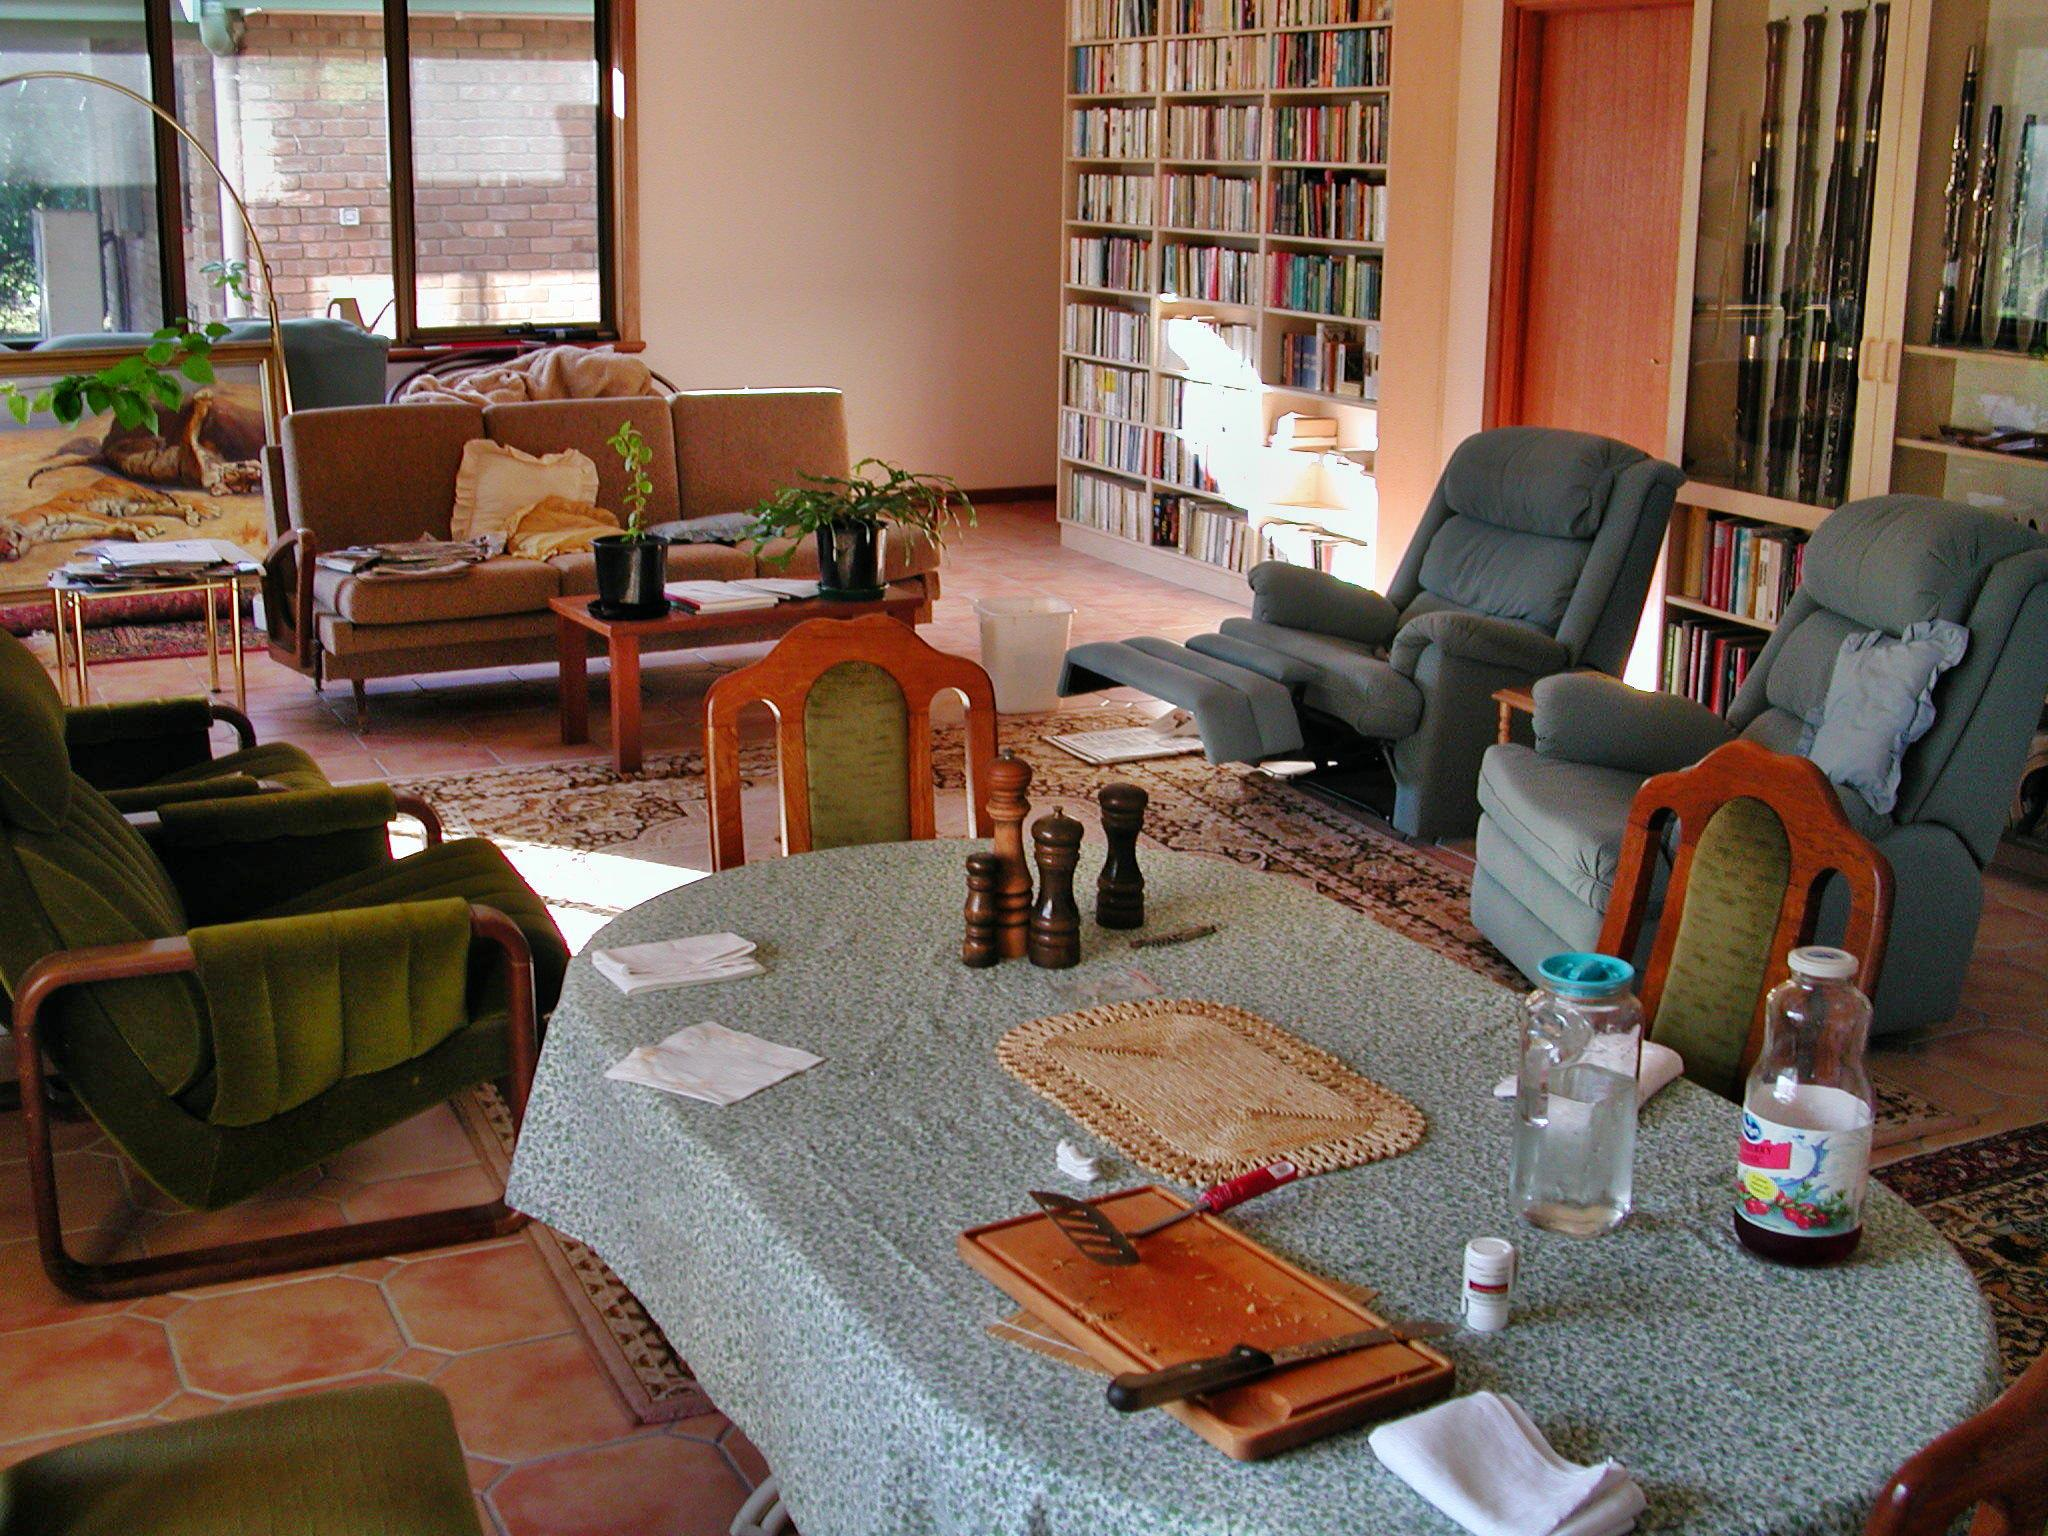 temporary-living-quarters-1.jpeg